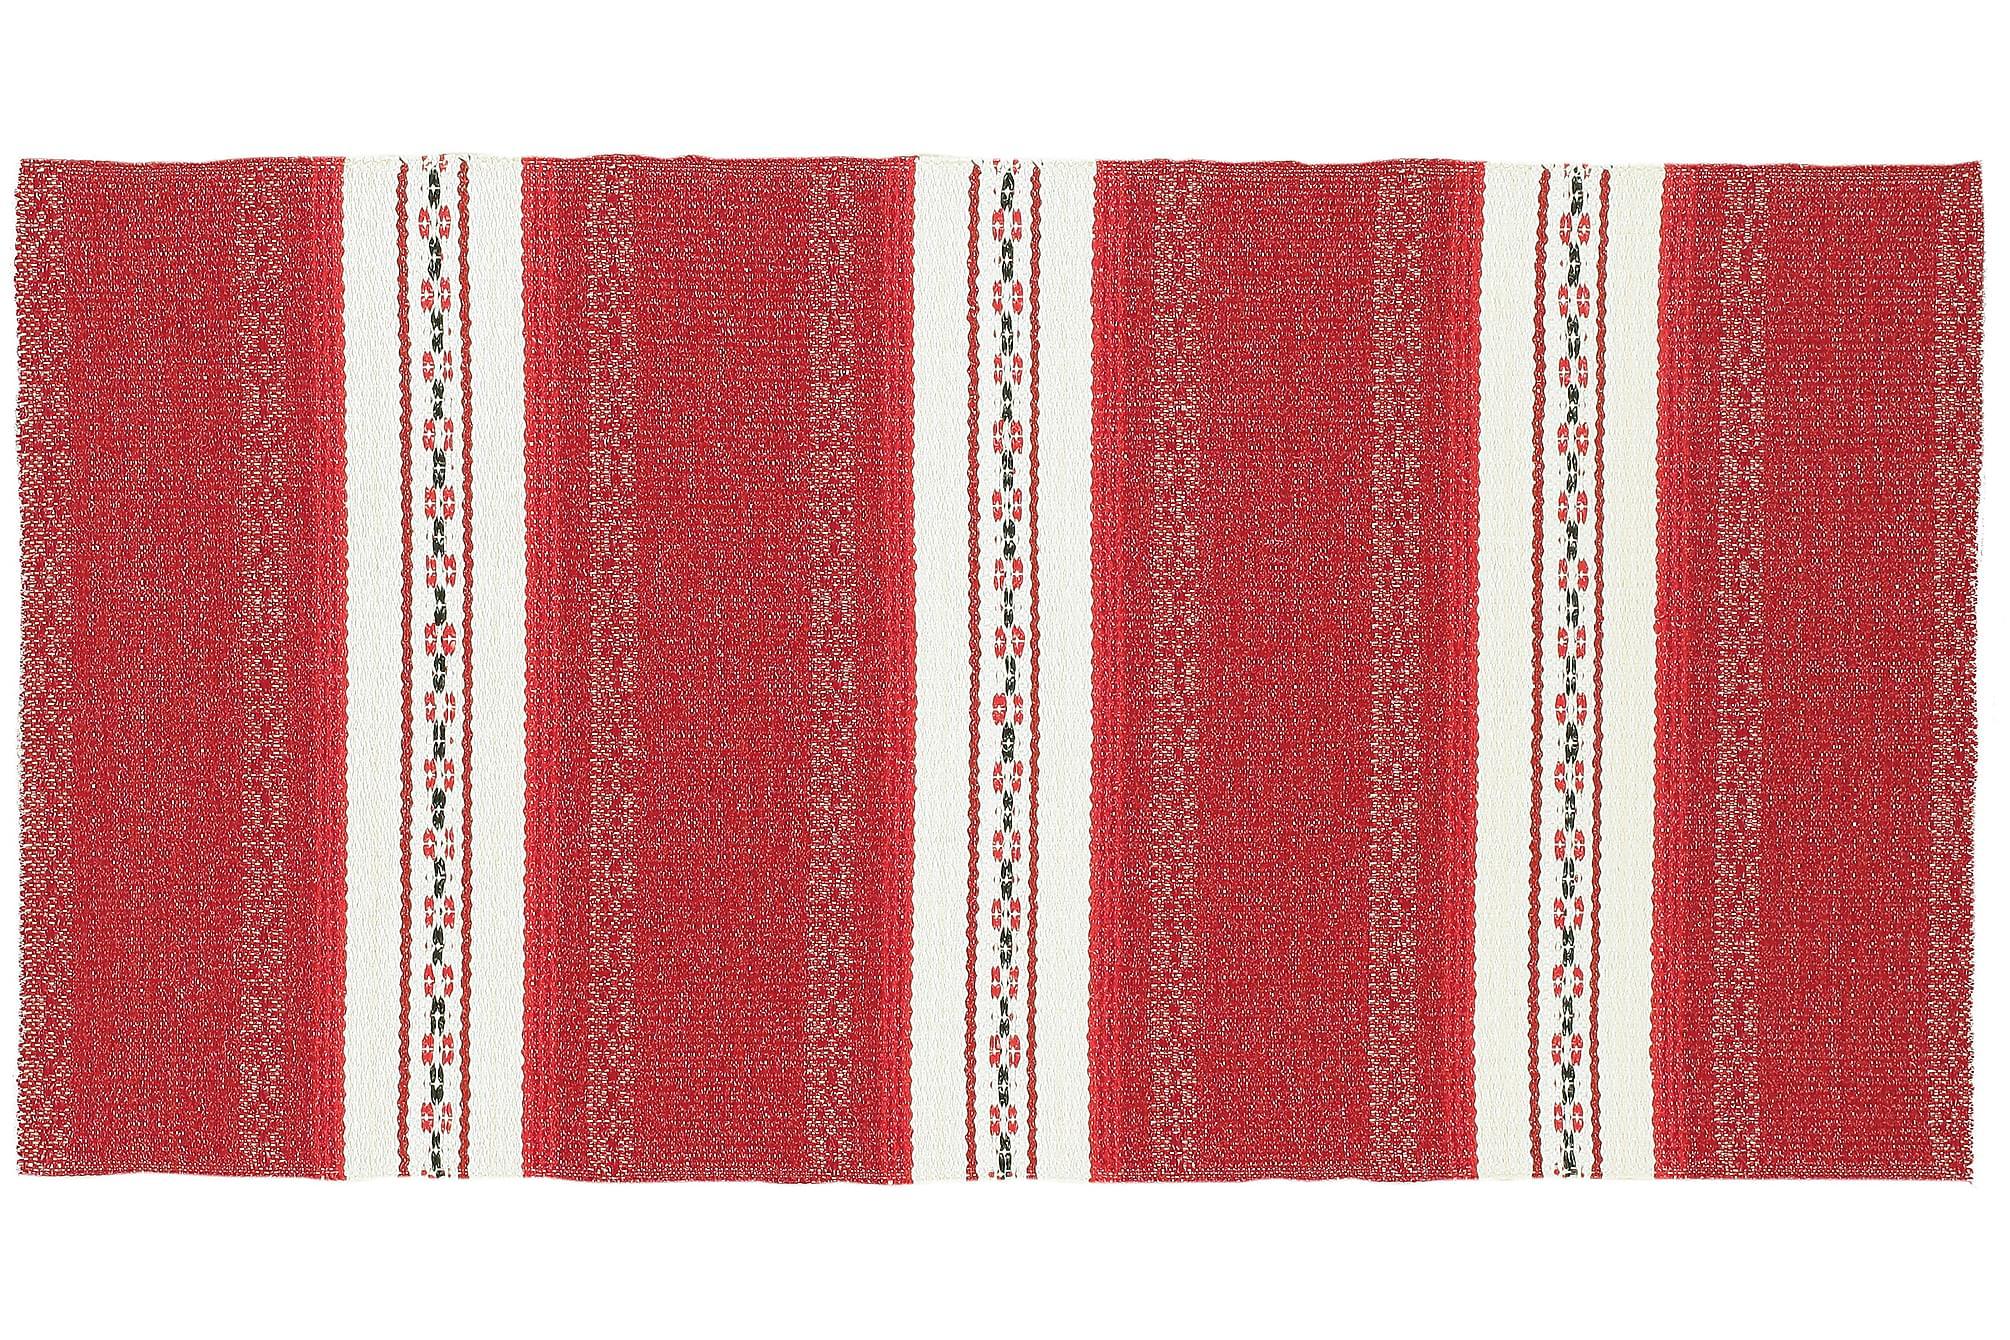 ASTOR Plastmatta 150x150 Vändbar PVC Röd, Balkongmattor & utomhusmattor